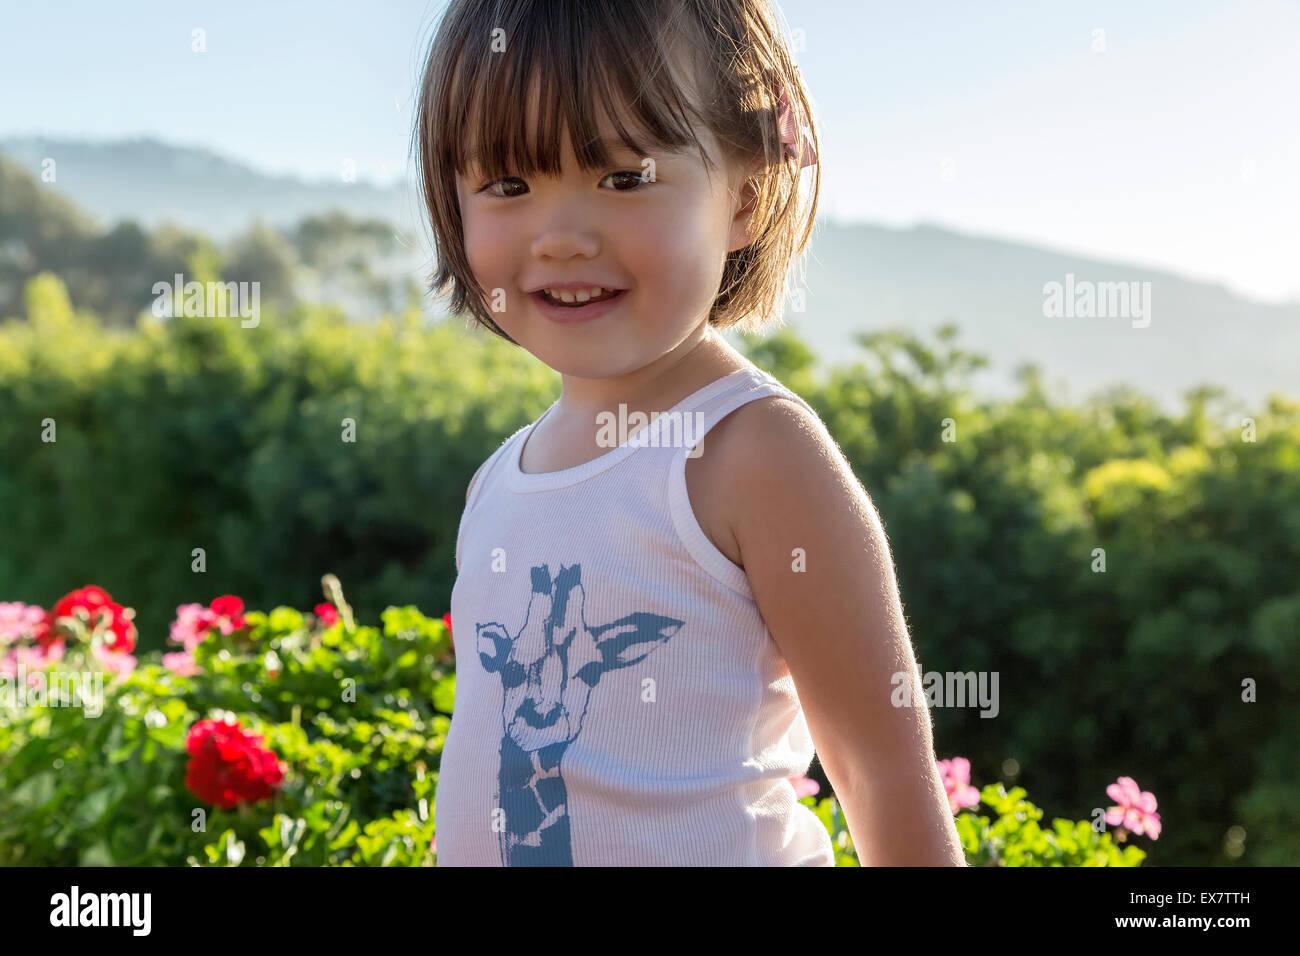 Trois ans, fille, vêtu d'un débardeur imprimé, La Jolla, Californie Banque D'Images